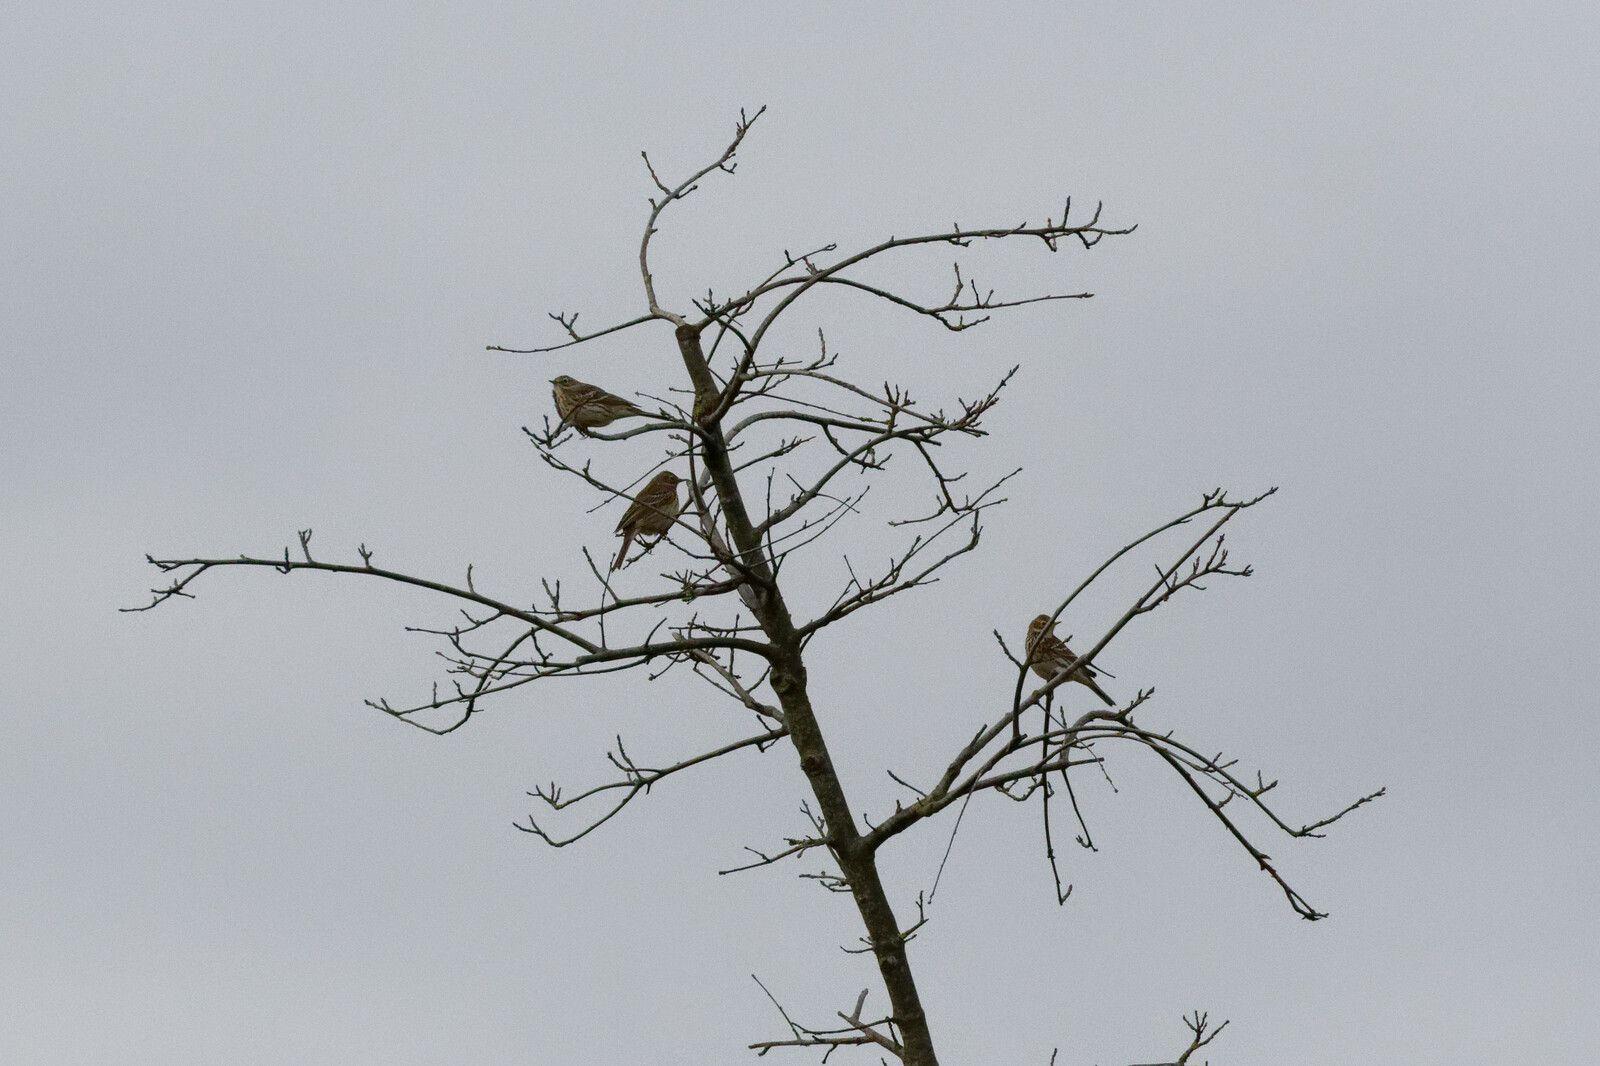 558 - On peut apprendre le monde des Oiseaux à l'Etang du Coq : 08/04/2021